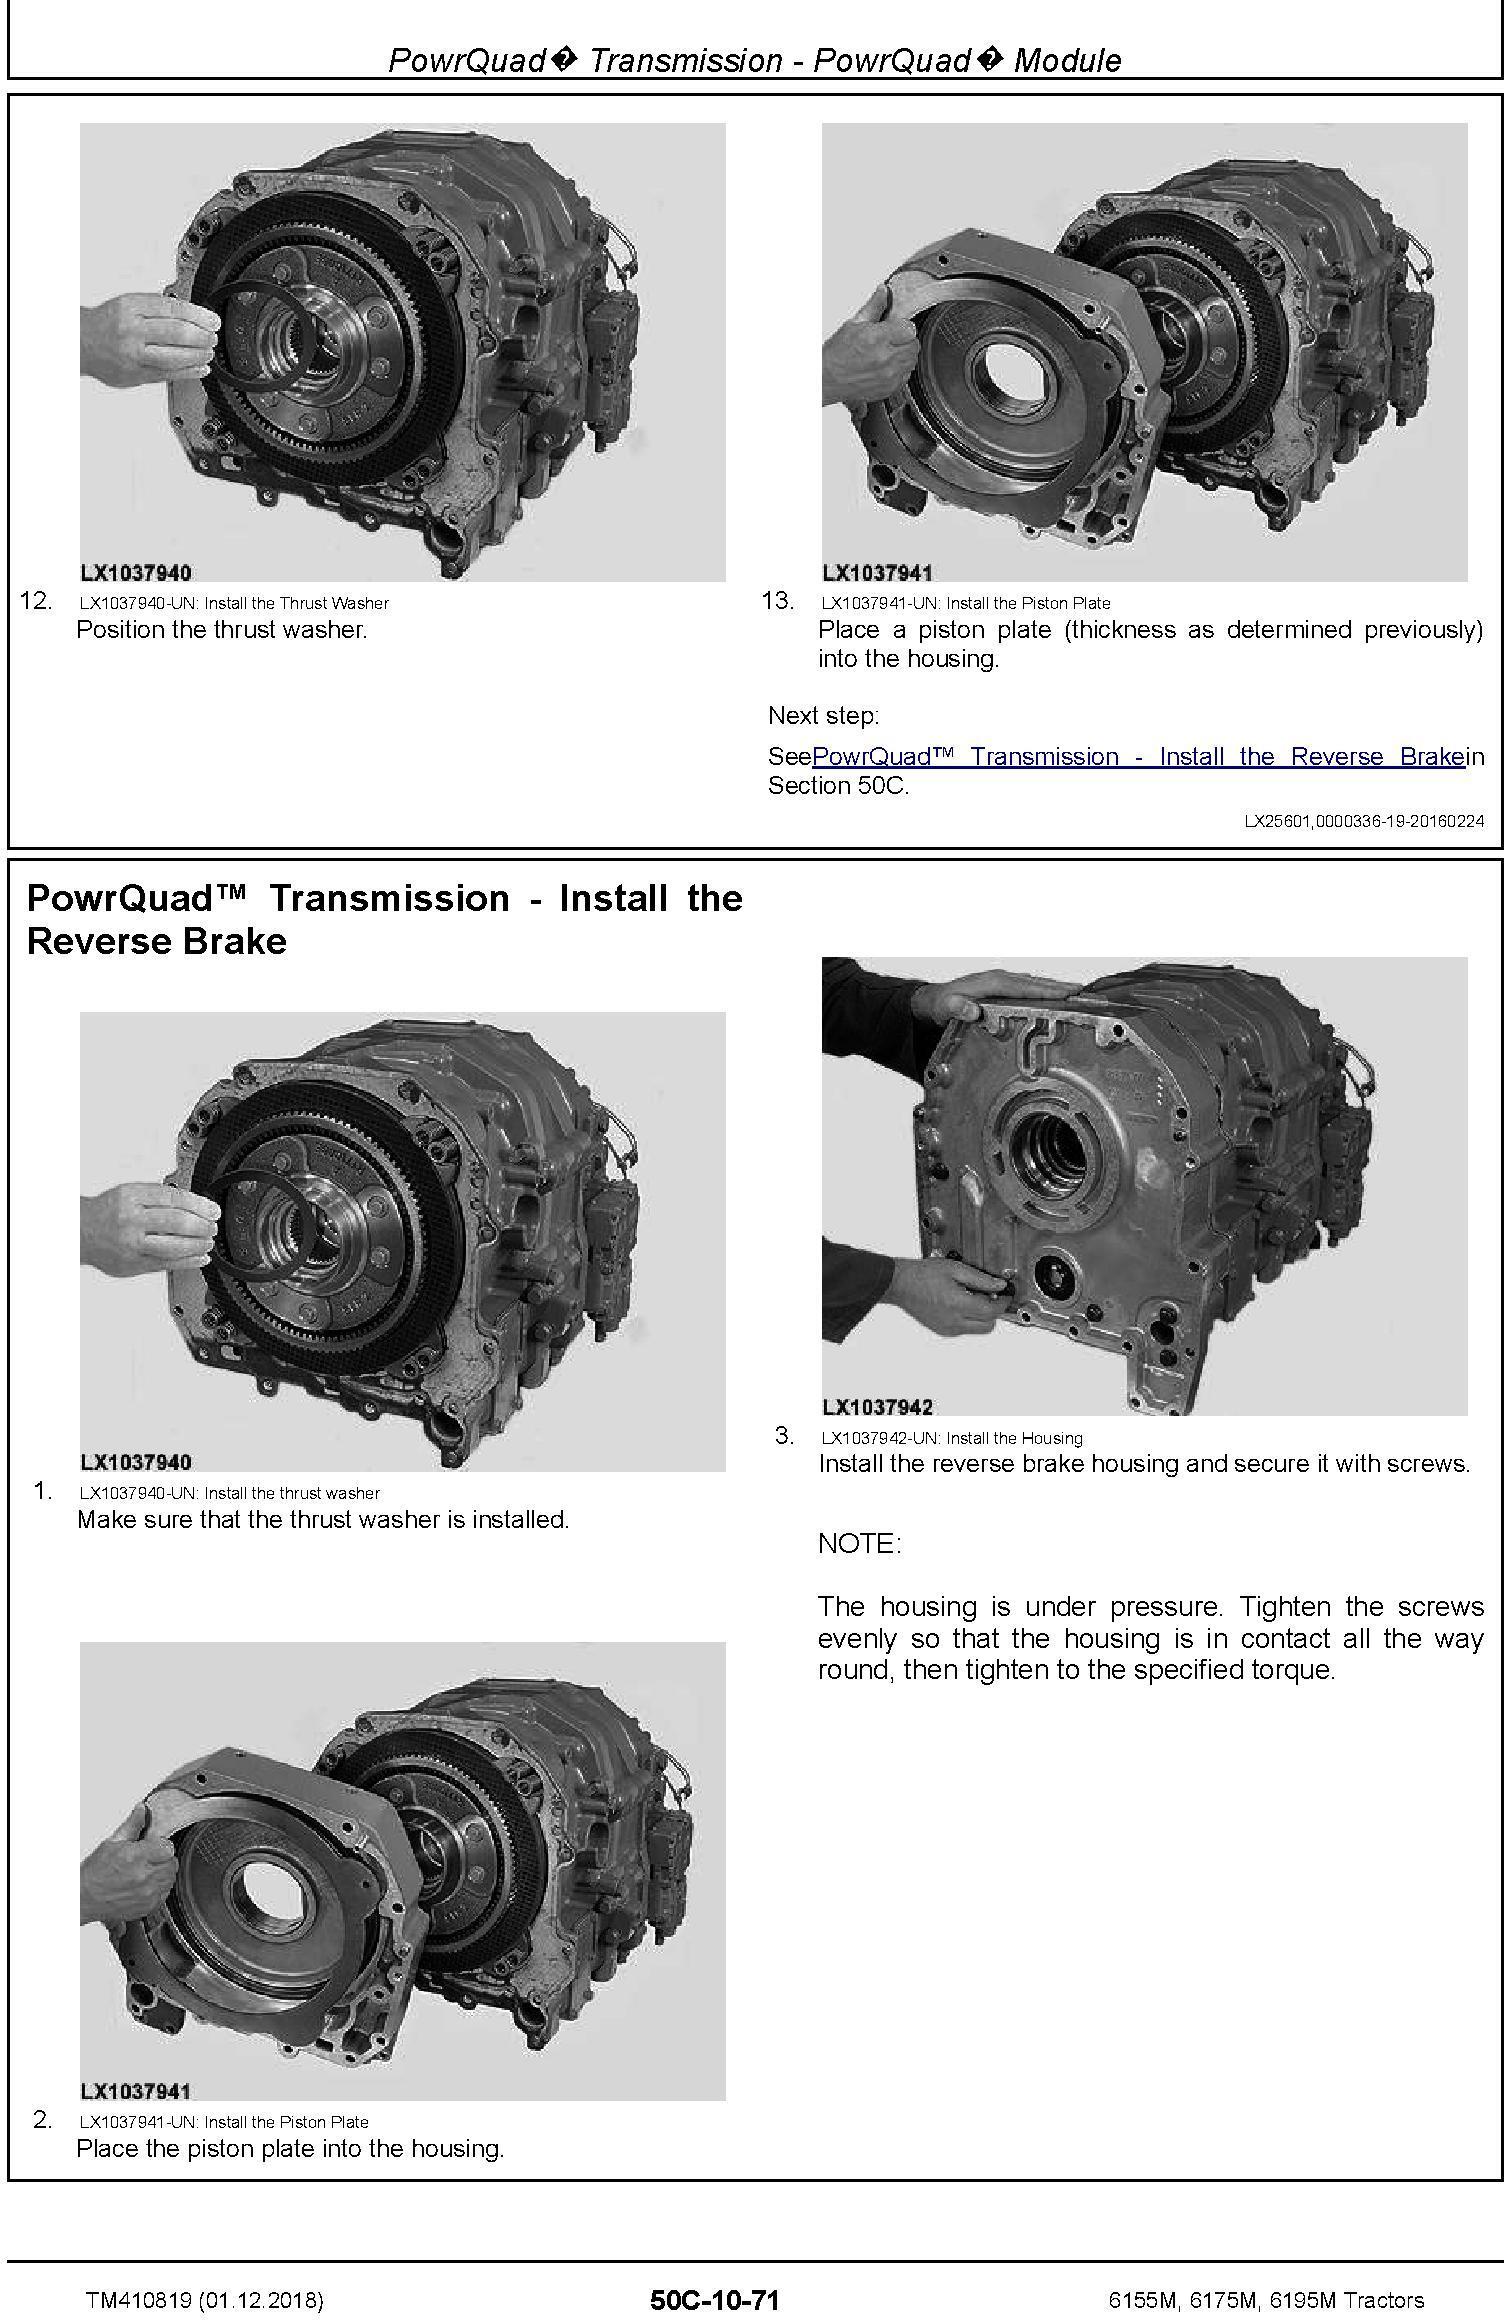 John Deere 6155M, 6175M, 6195M Tractors (MY18) Repair Technical Manual (TM410819) - 1